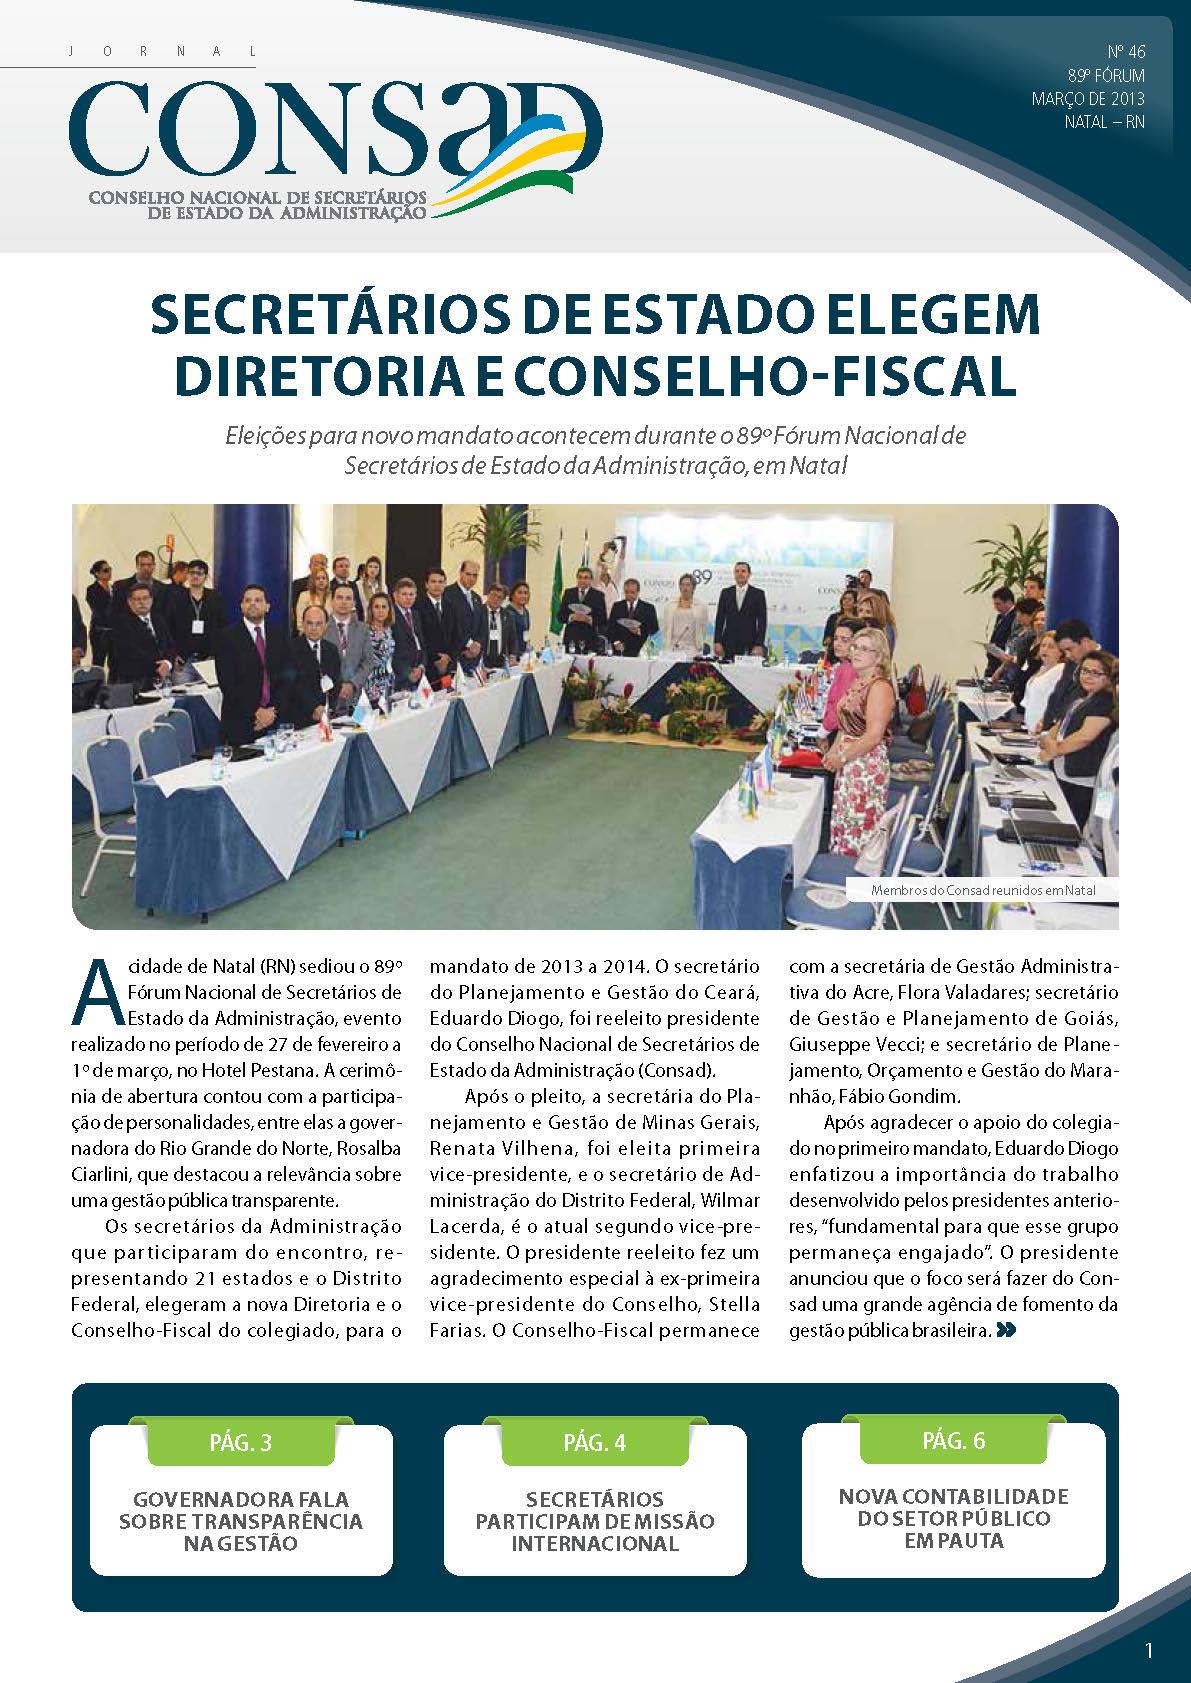 Jornal do Consad Número 46 – Março de 2013